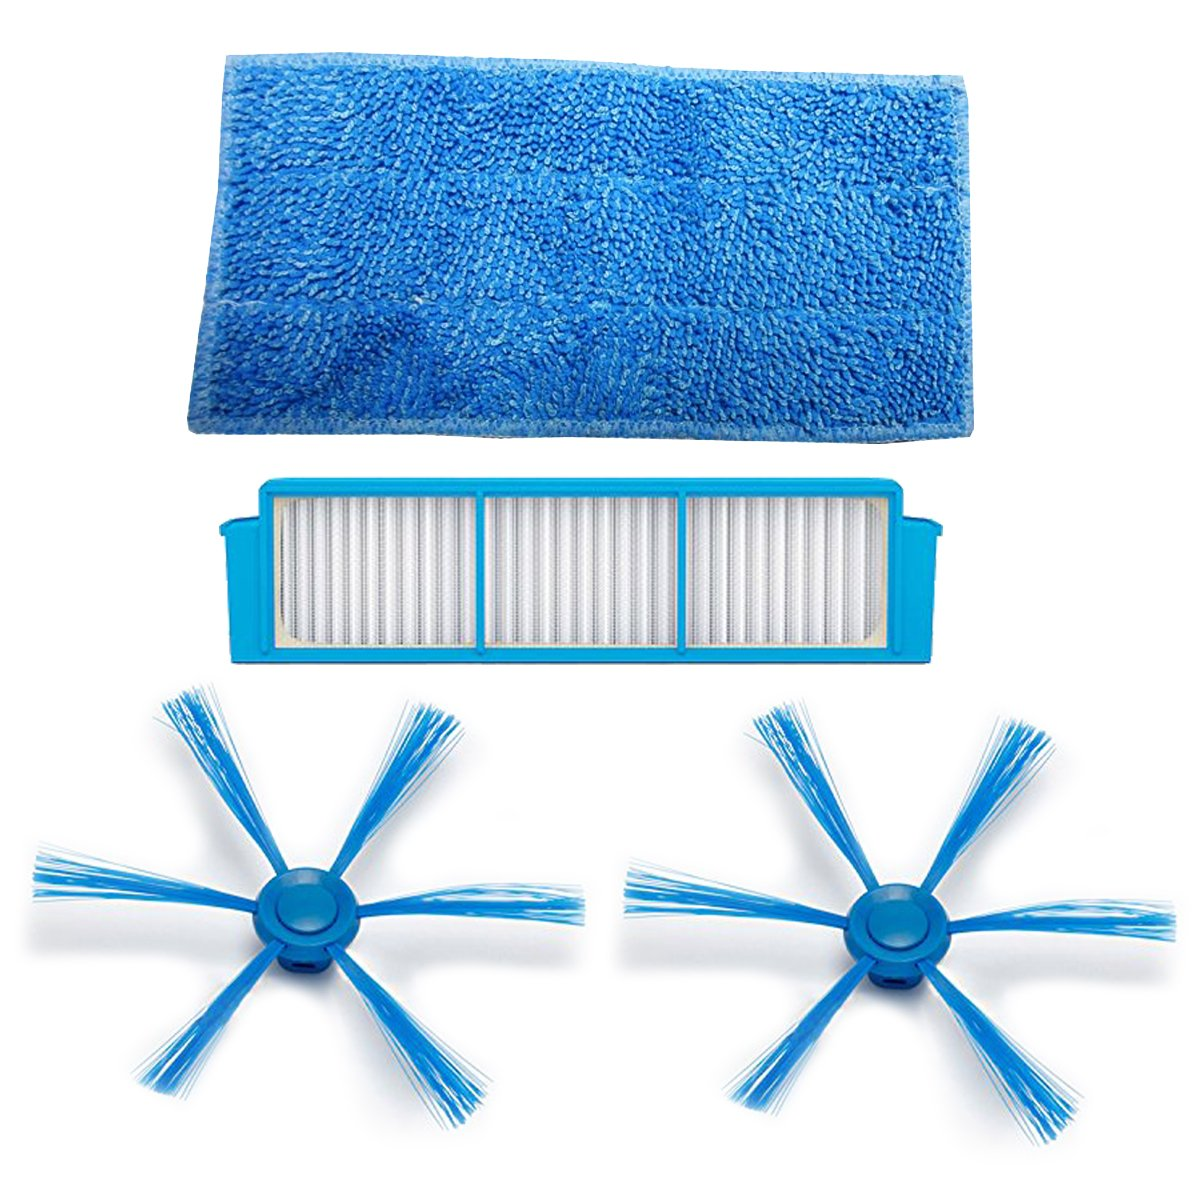 TeKeHom - Filtro HEPA: 1 cepillo lateral, 2 almohadillas húmedas para la ropa, 1 para aspiradora Philips SmartPro Easy Robot FC8796 FC8794 FC8792: ...